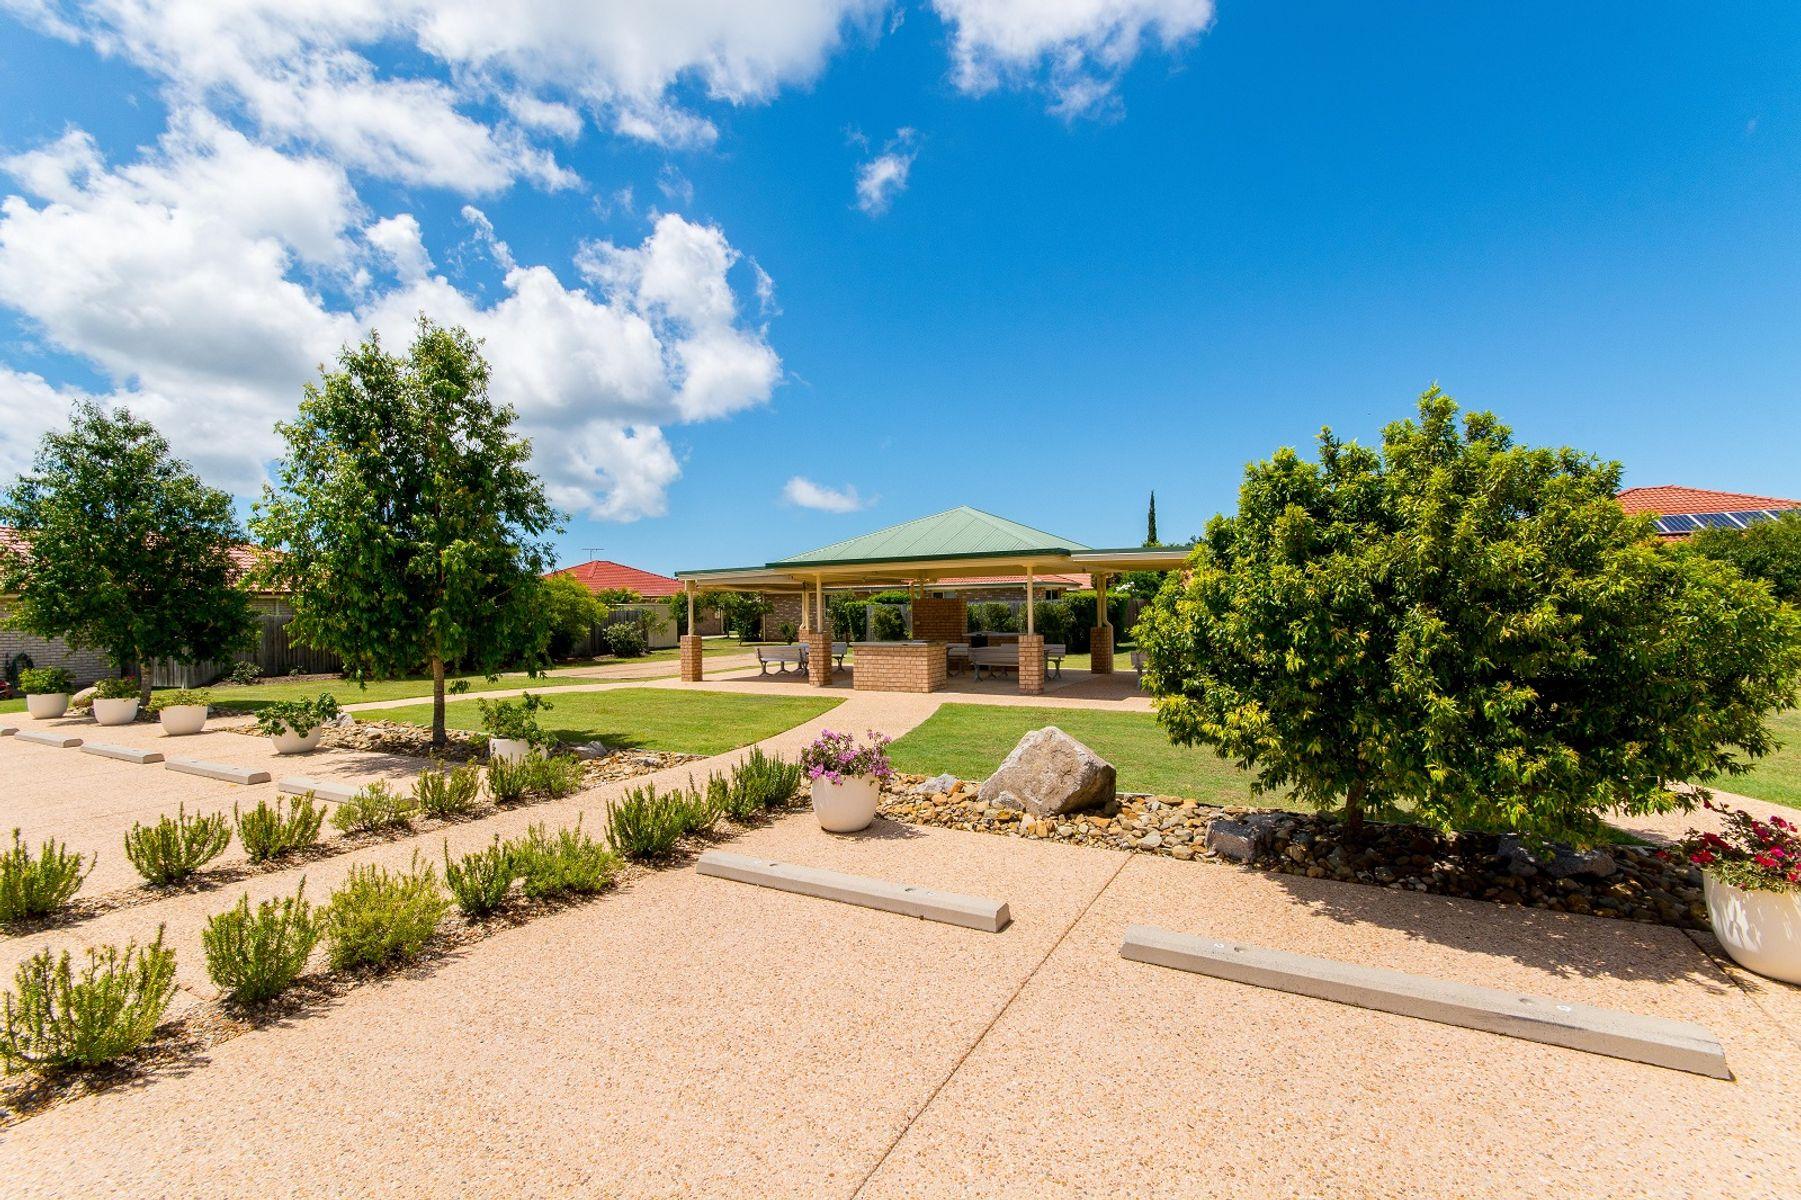 7/210 Bestmann Road, Sandstone Point, QLD 4511